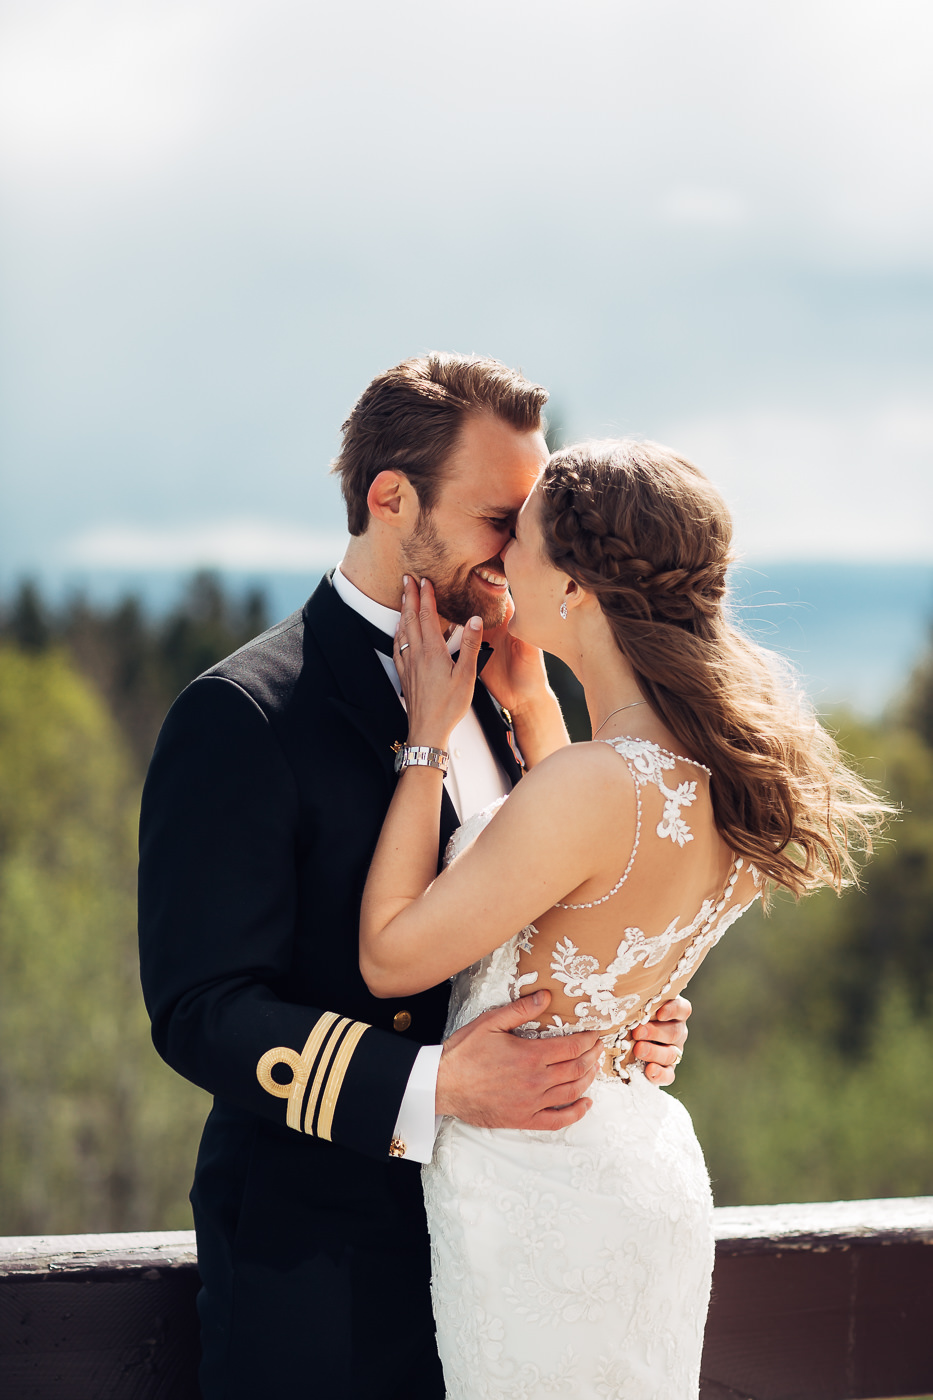 Henriette & Patrick - energisk maibryllup på Holmenkollen Bryllup Eckbo Selskapslokaler 41 Bryllup